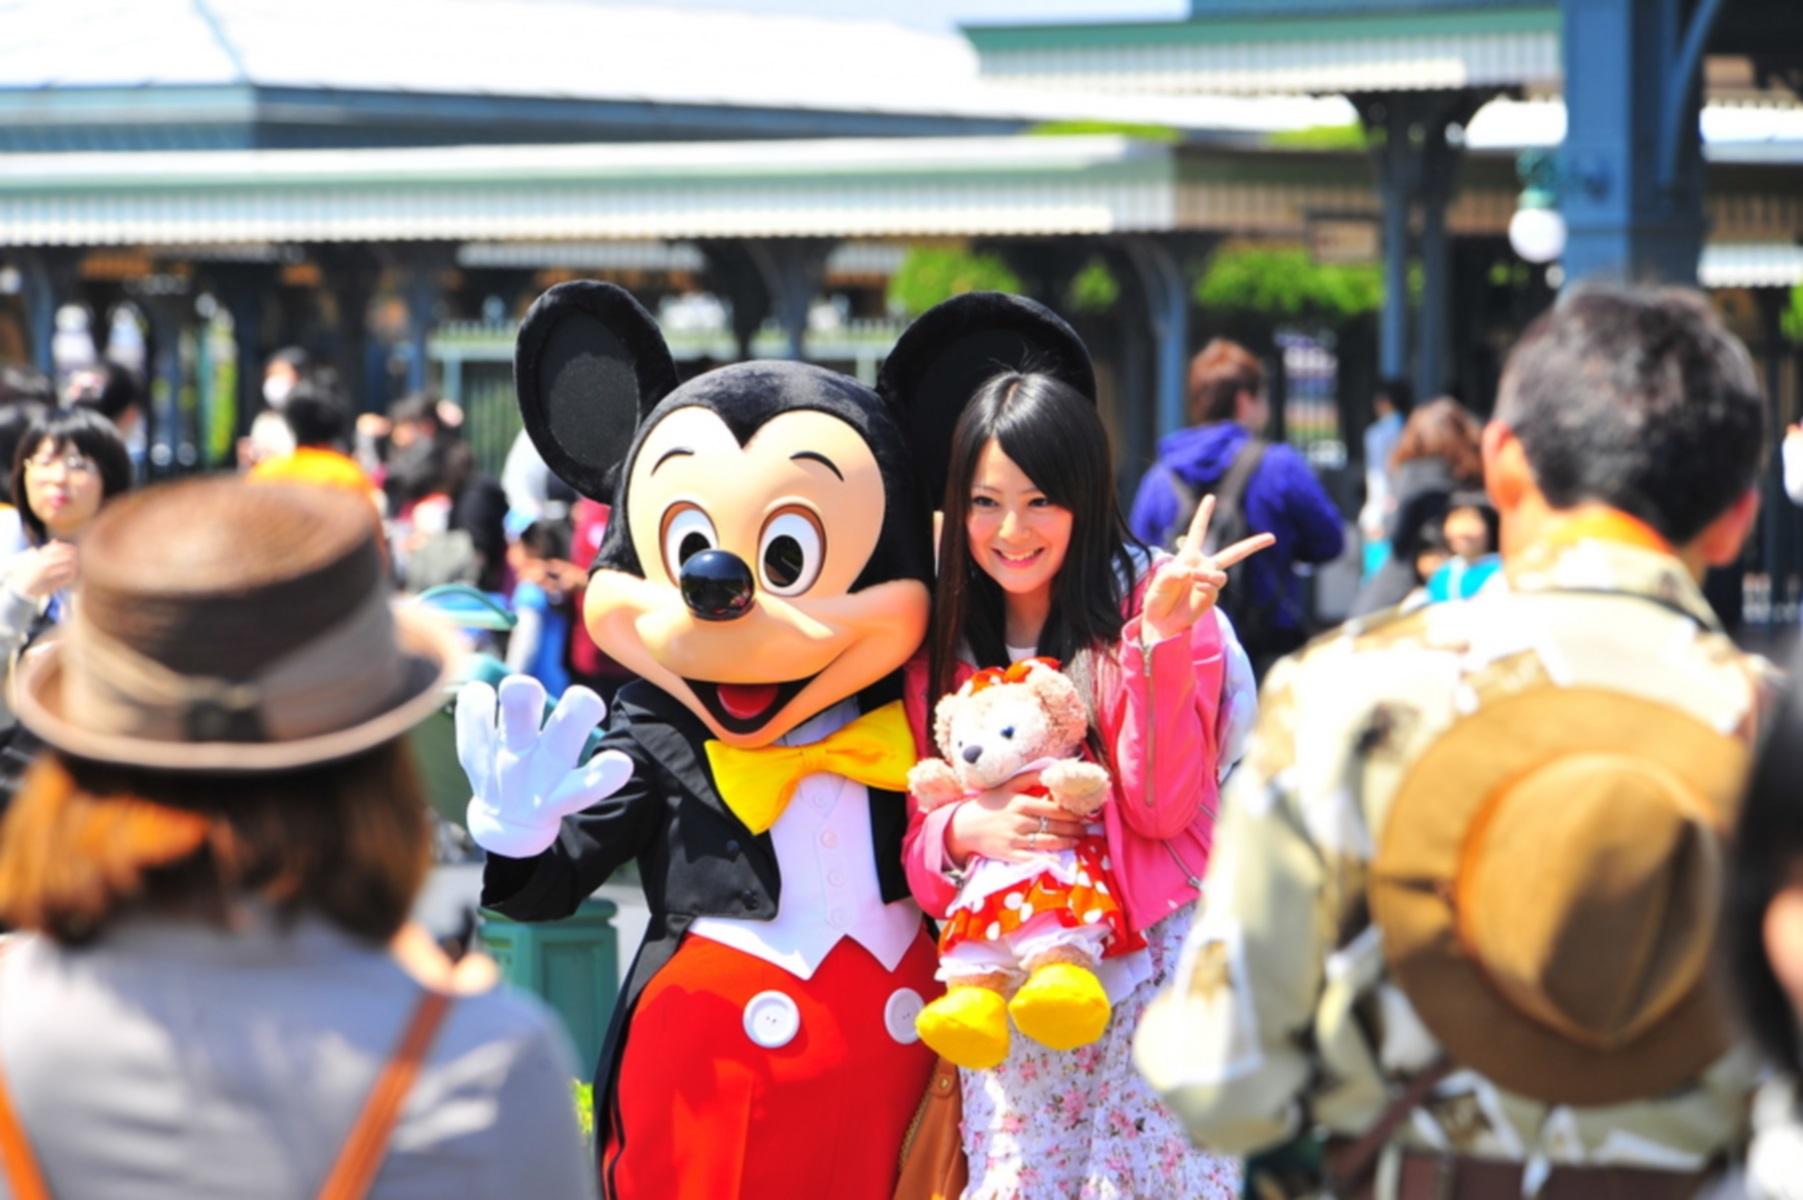 Κορονοϊός: Ανοίγει ξανά η Disneyland στη Σαγκάη αλλά με… ειδικές συνθήκες